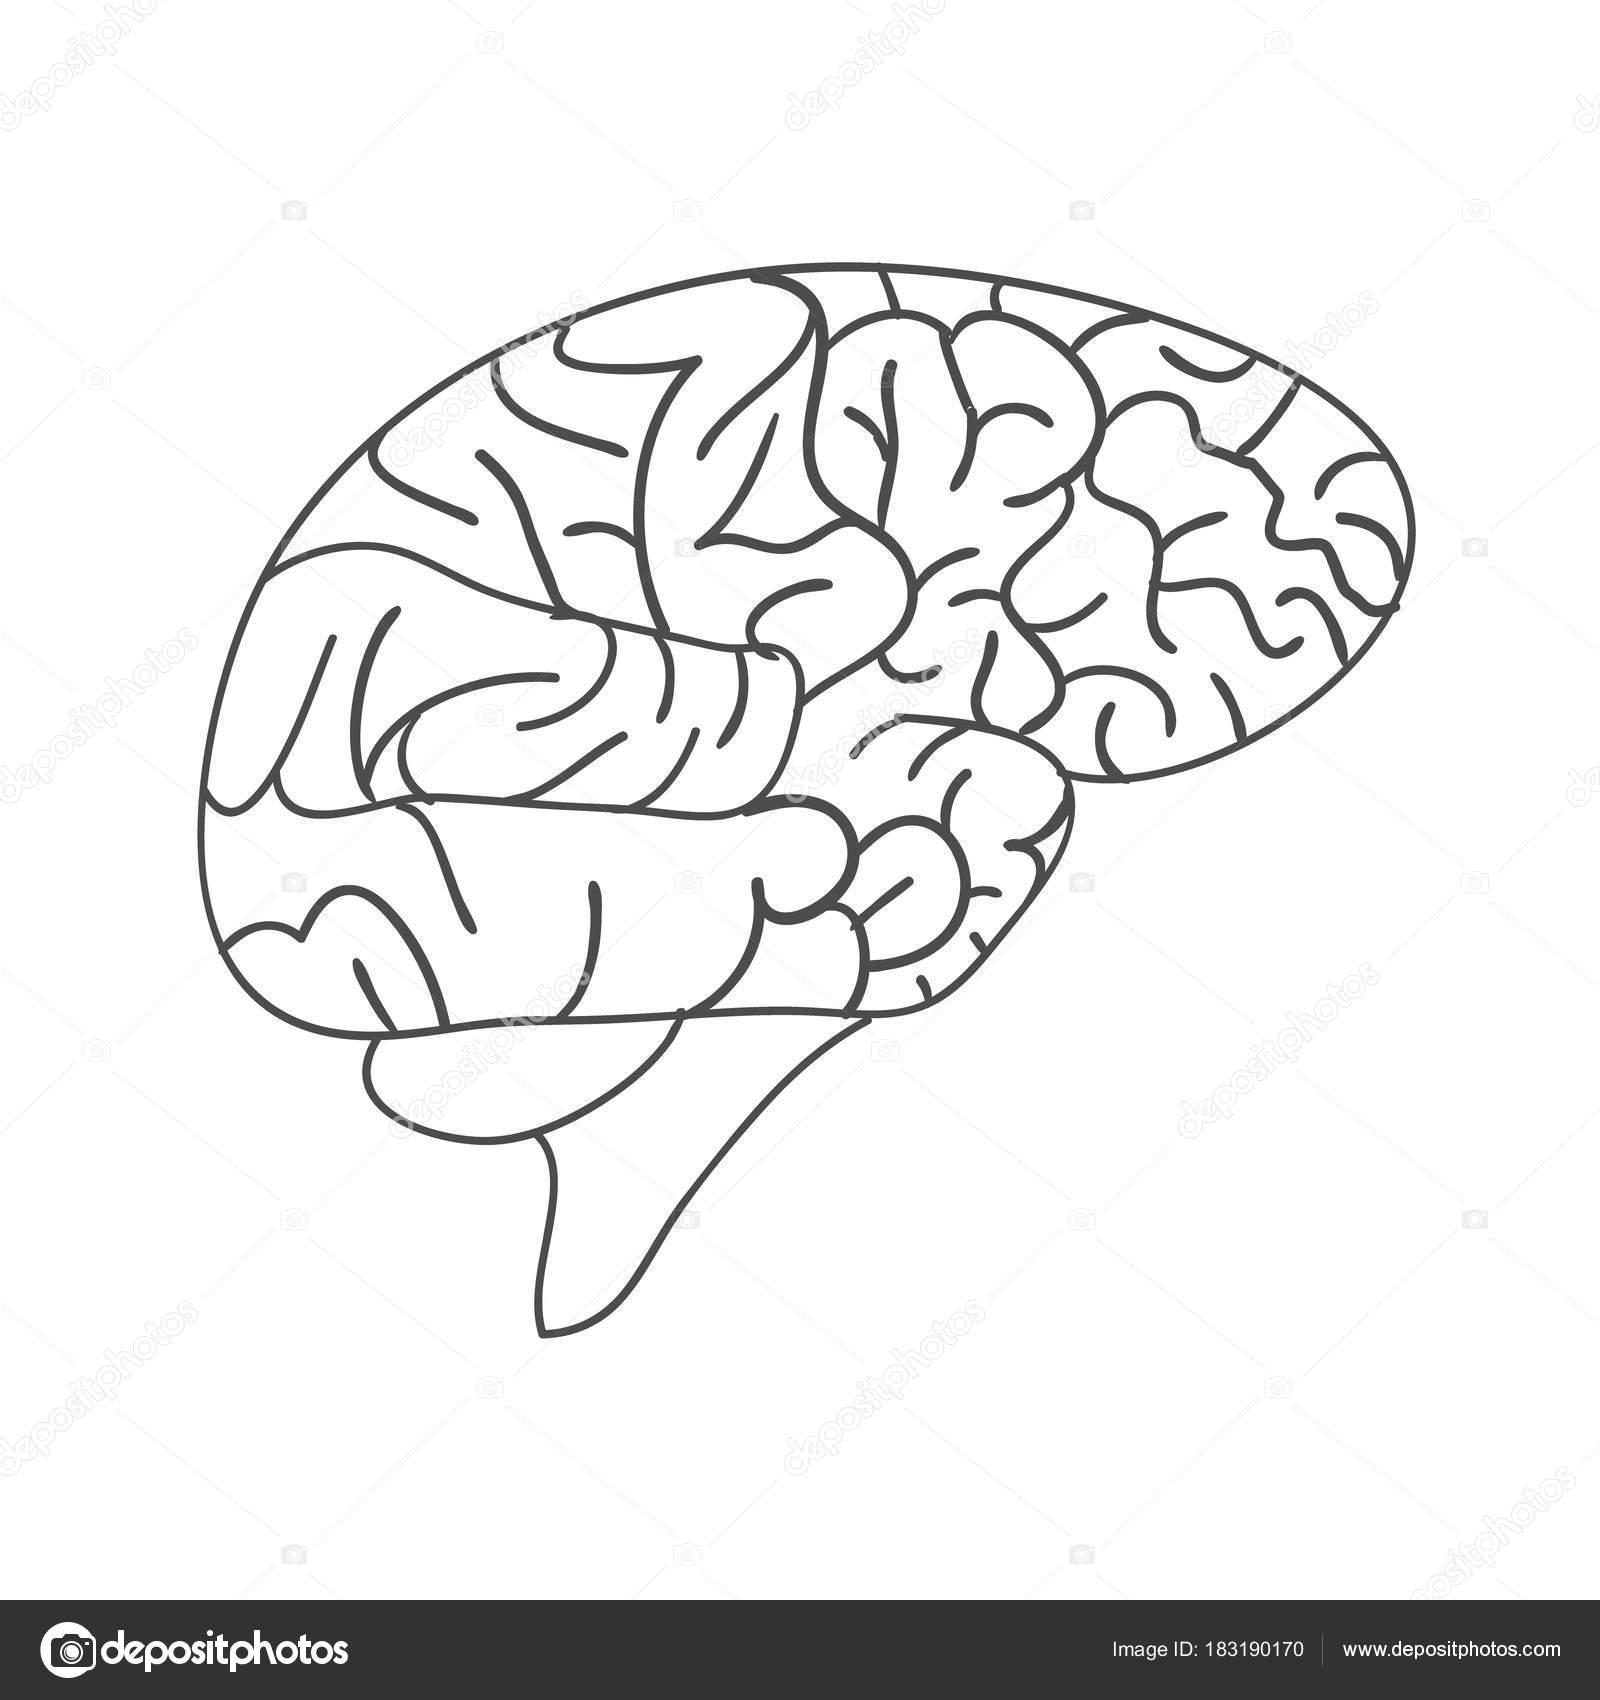 Cerebro humano de la tinta de dibujo, dibujado, a mano ilustración ...